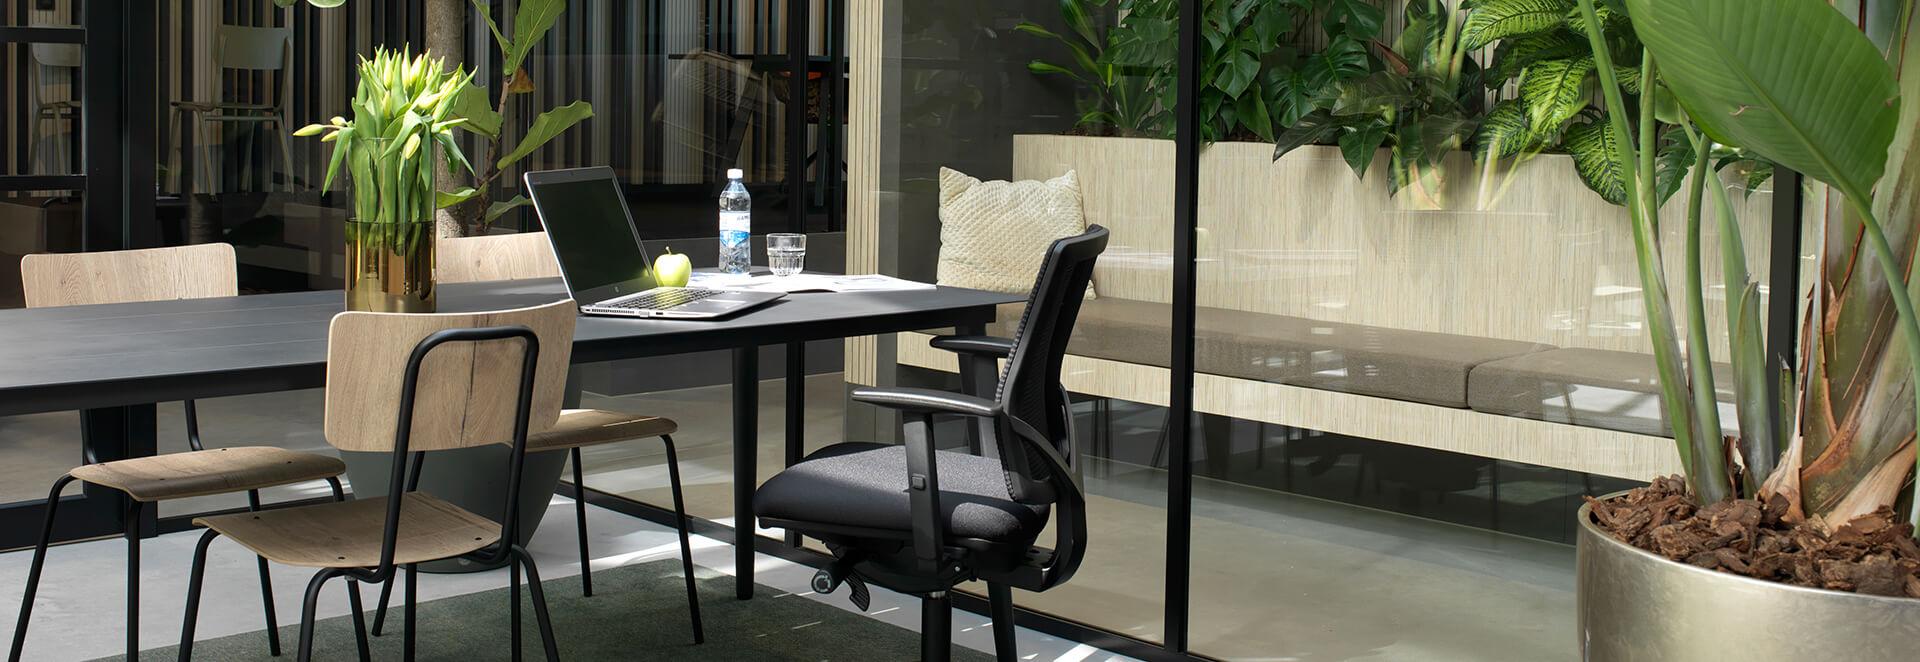 De nieuwe vergaderruimte: productief, inspirerend en comfortabel